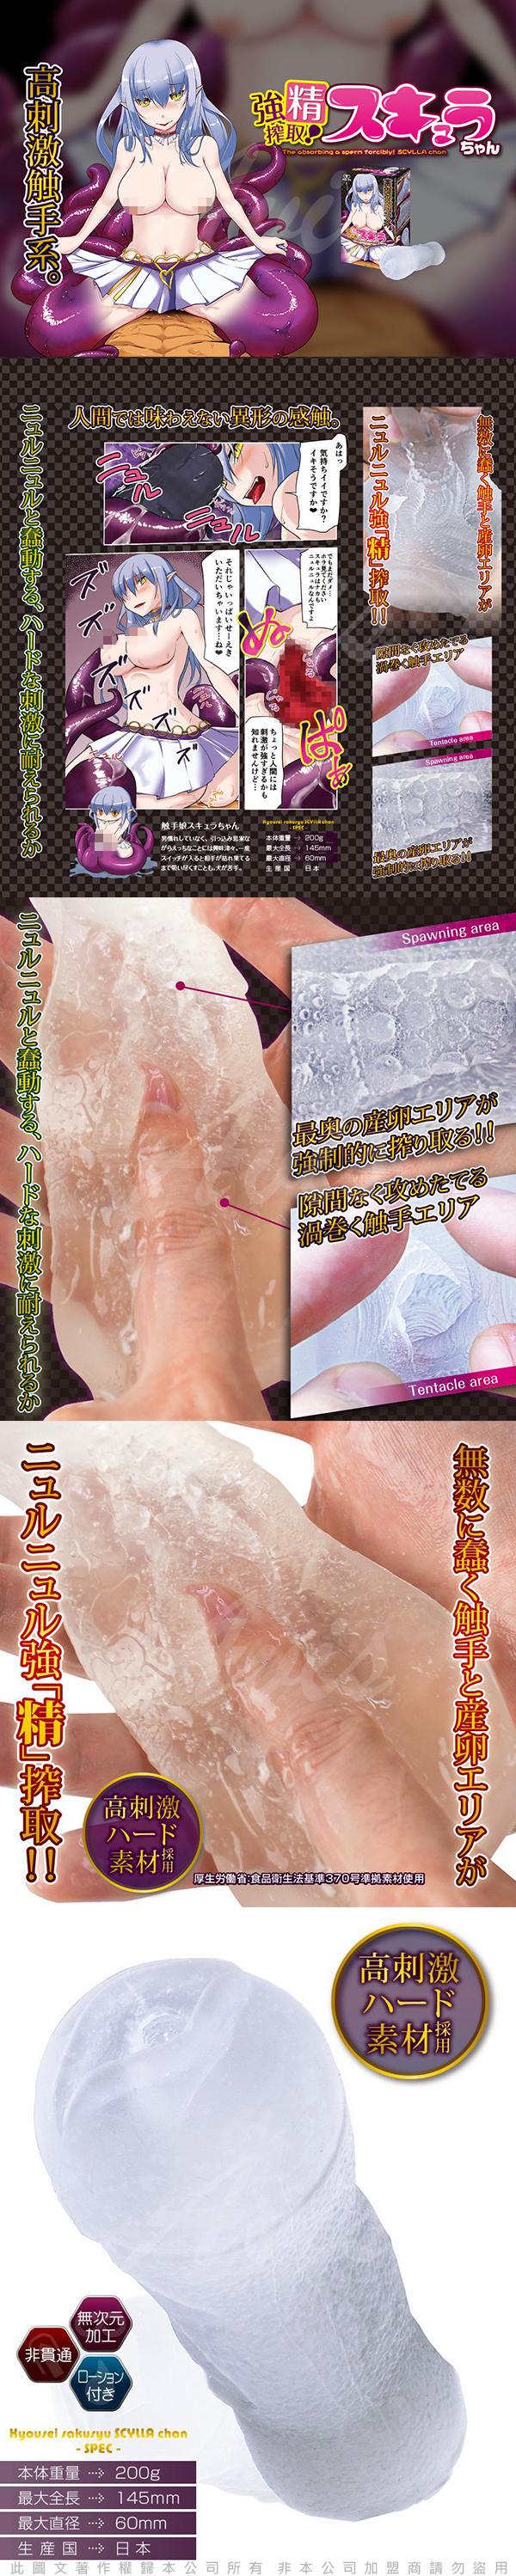 日本ENJOY TOYS 強精搾取魔物娘 非貫通自慰套